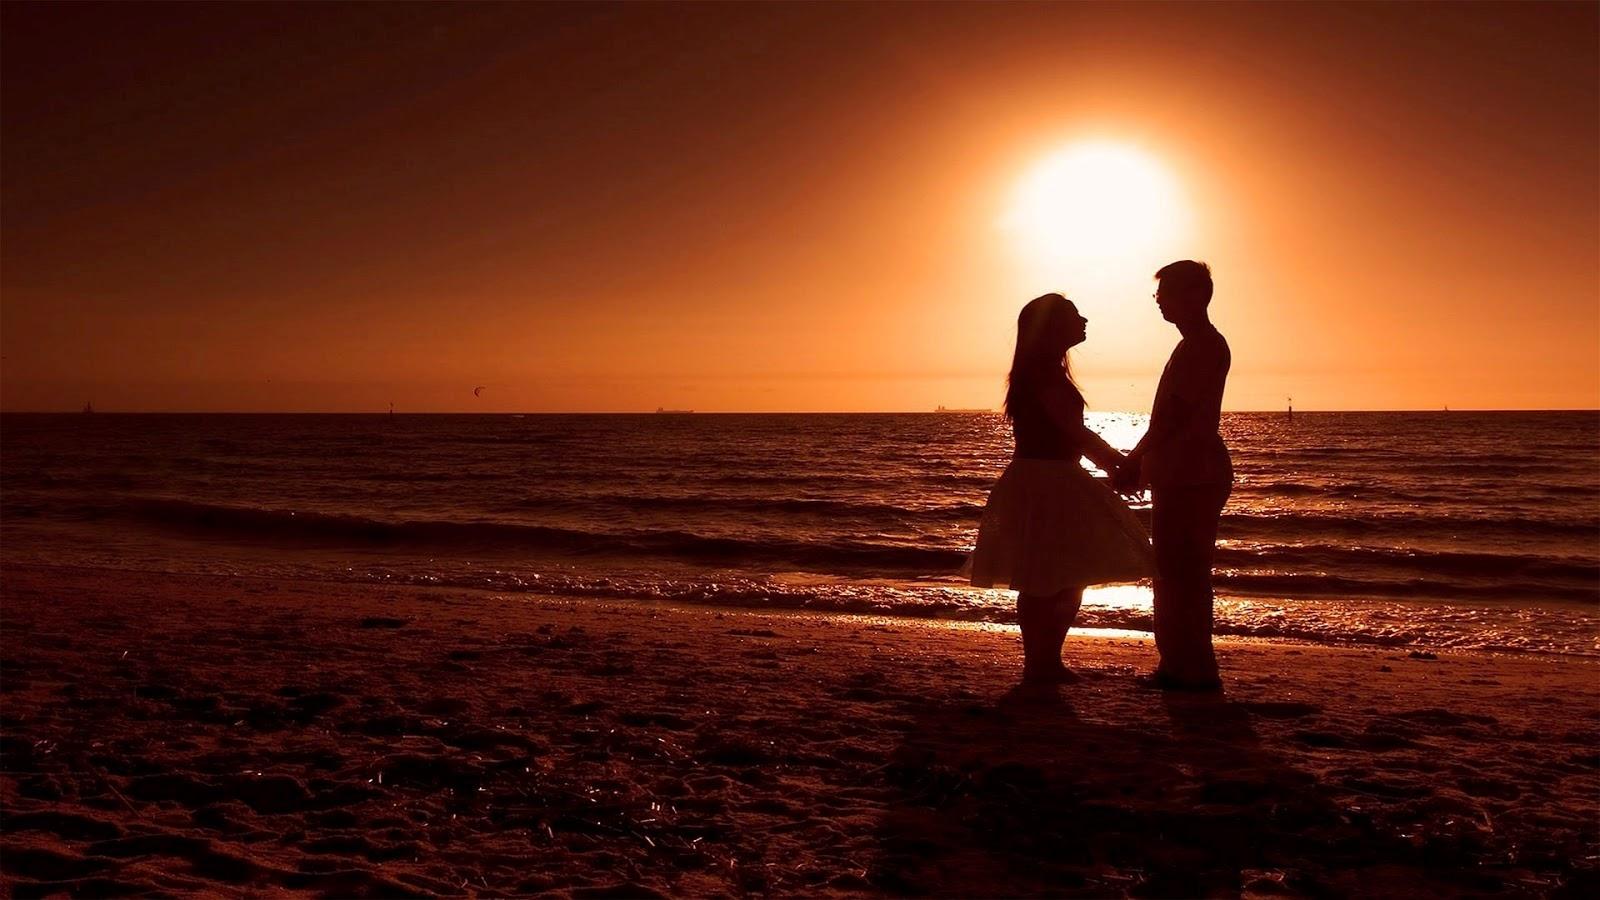 Hình ảnh lãng mạn đứng bên bờ biển